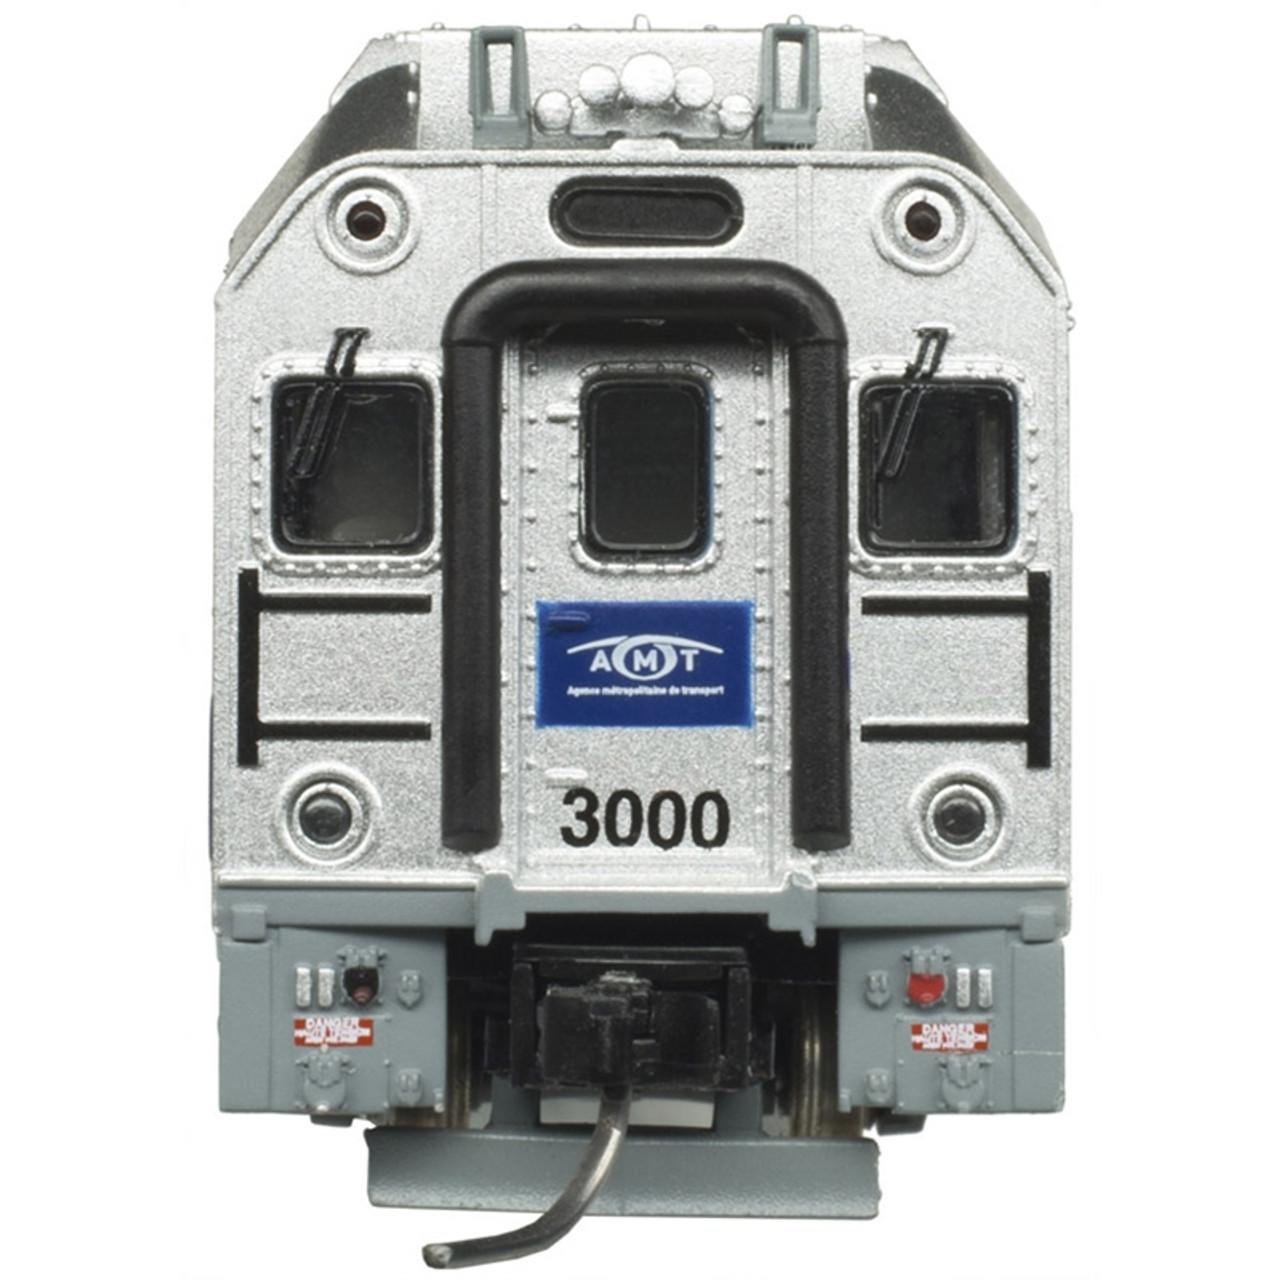 ATLAS 50004385 AMT - Cab Car #3000 (SCALE=N) Part # 150-50004385